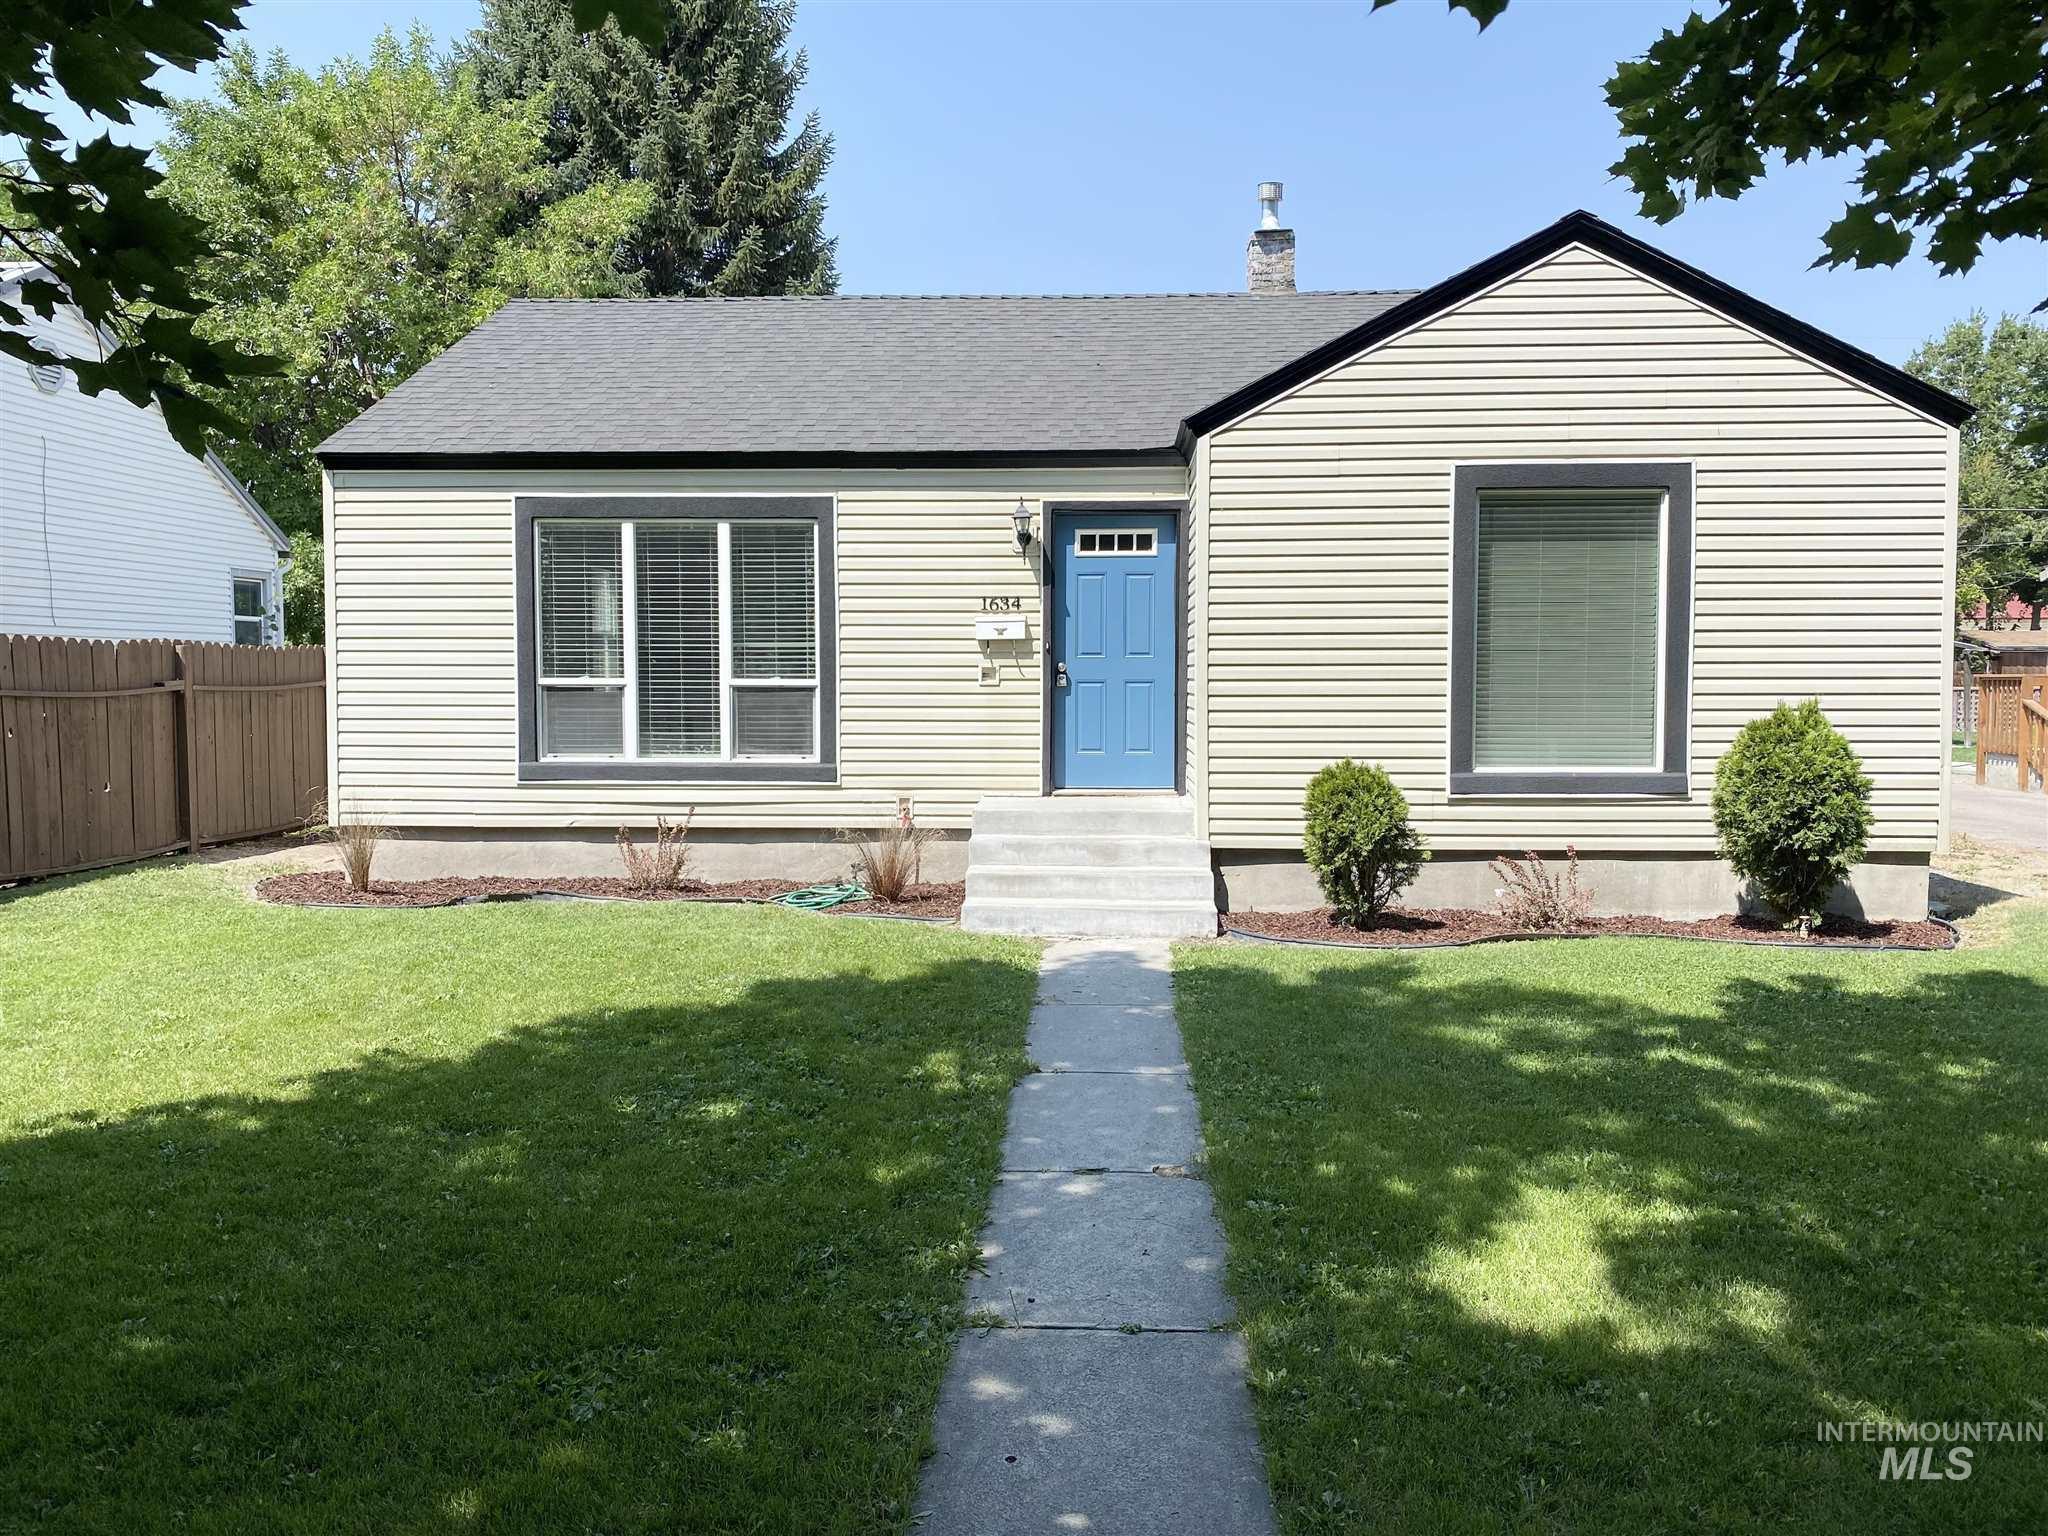 1634 Schodde Ave Property Photo